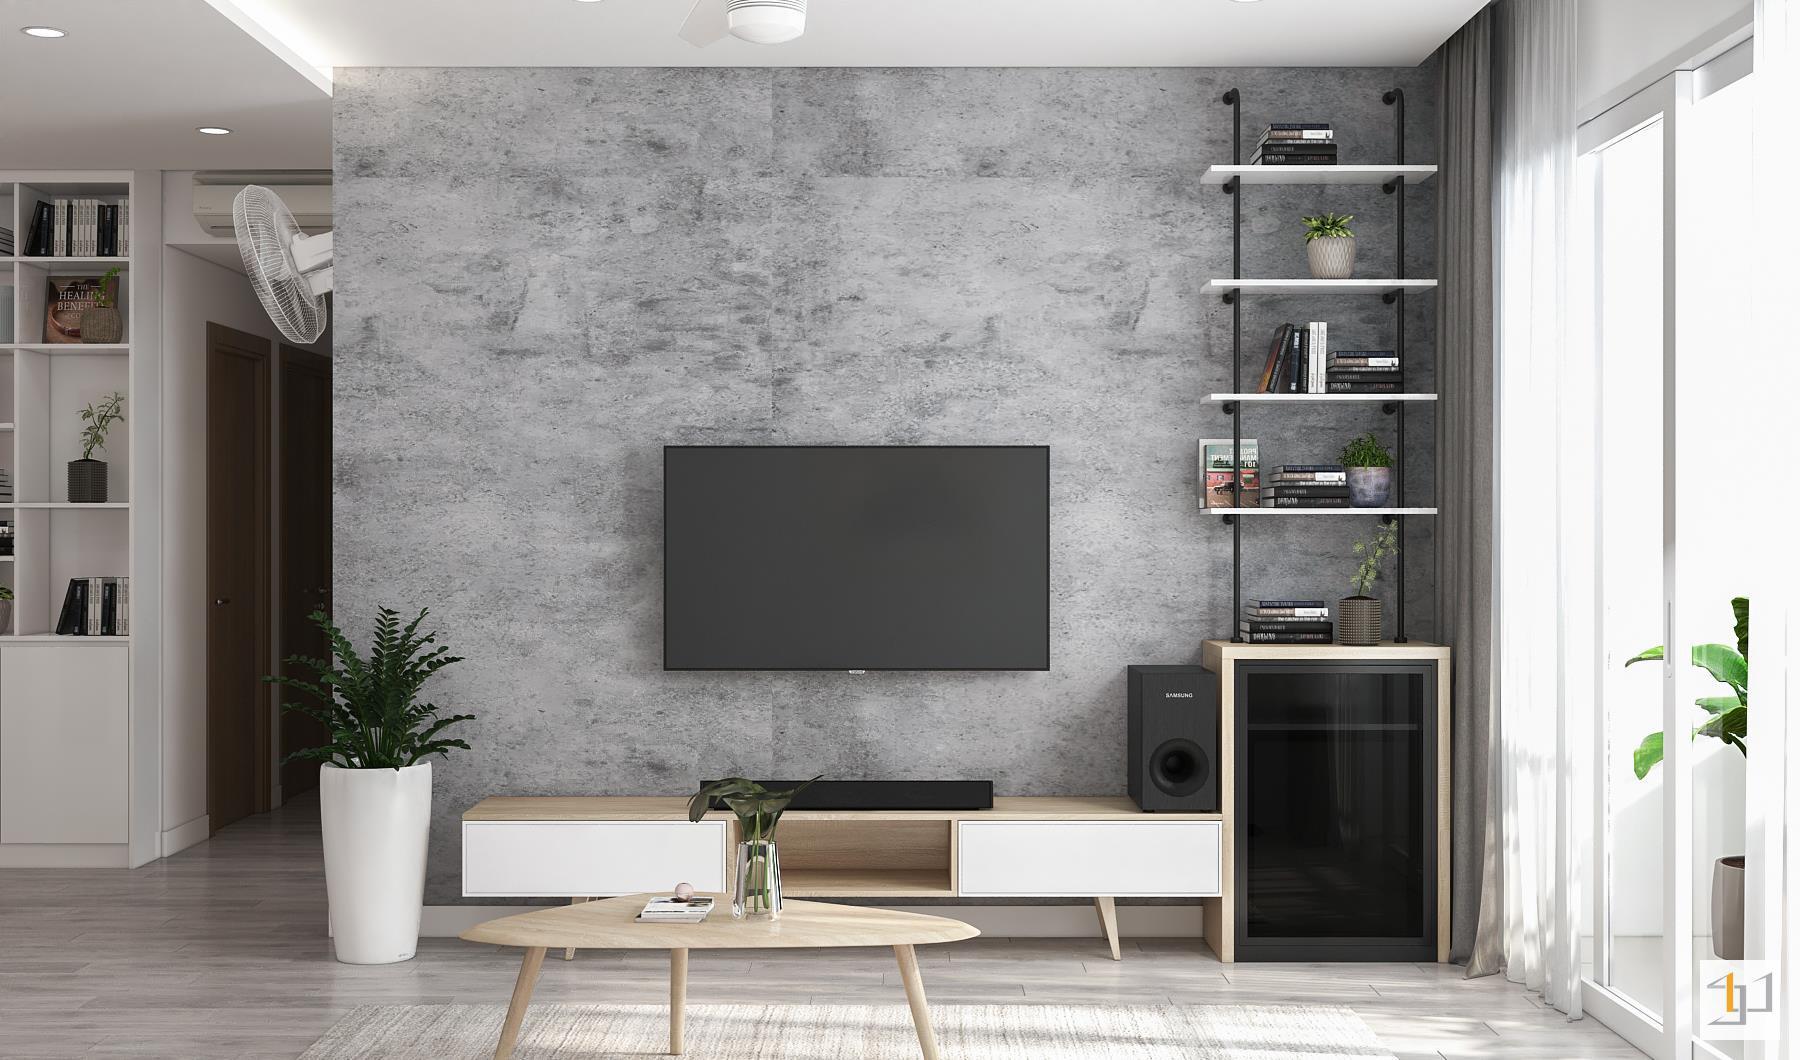 thiết kế nội thất chung cư đơn giản - 08